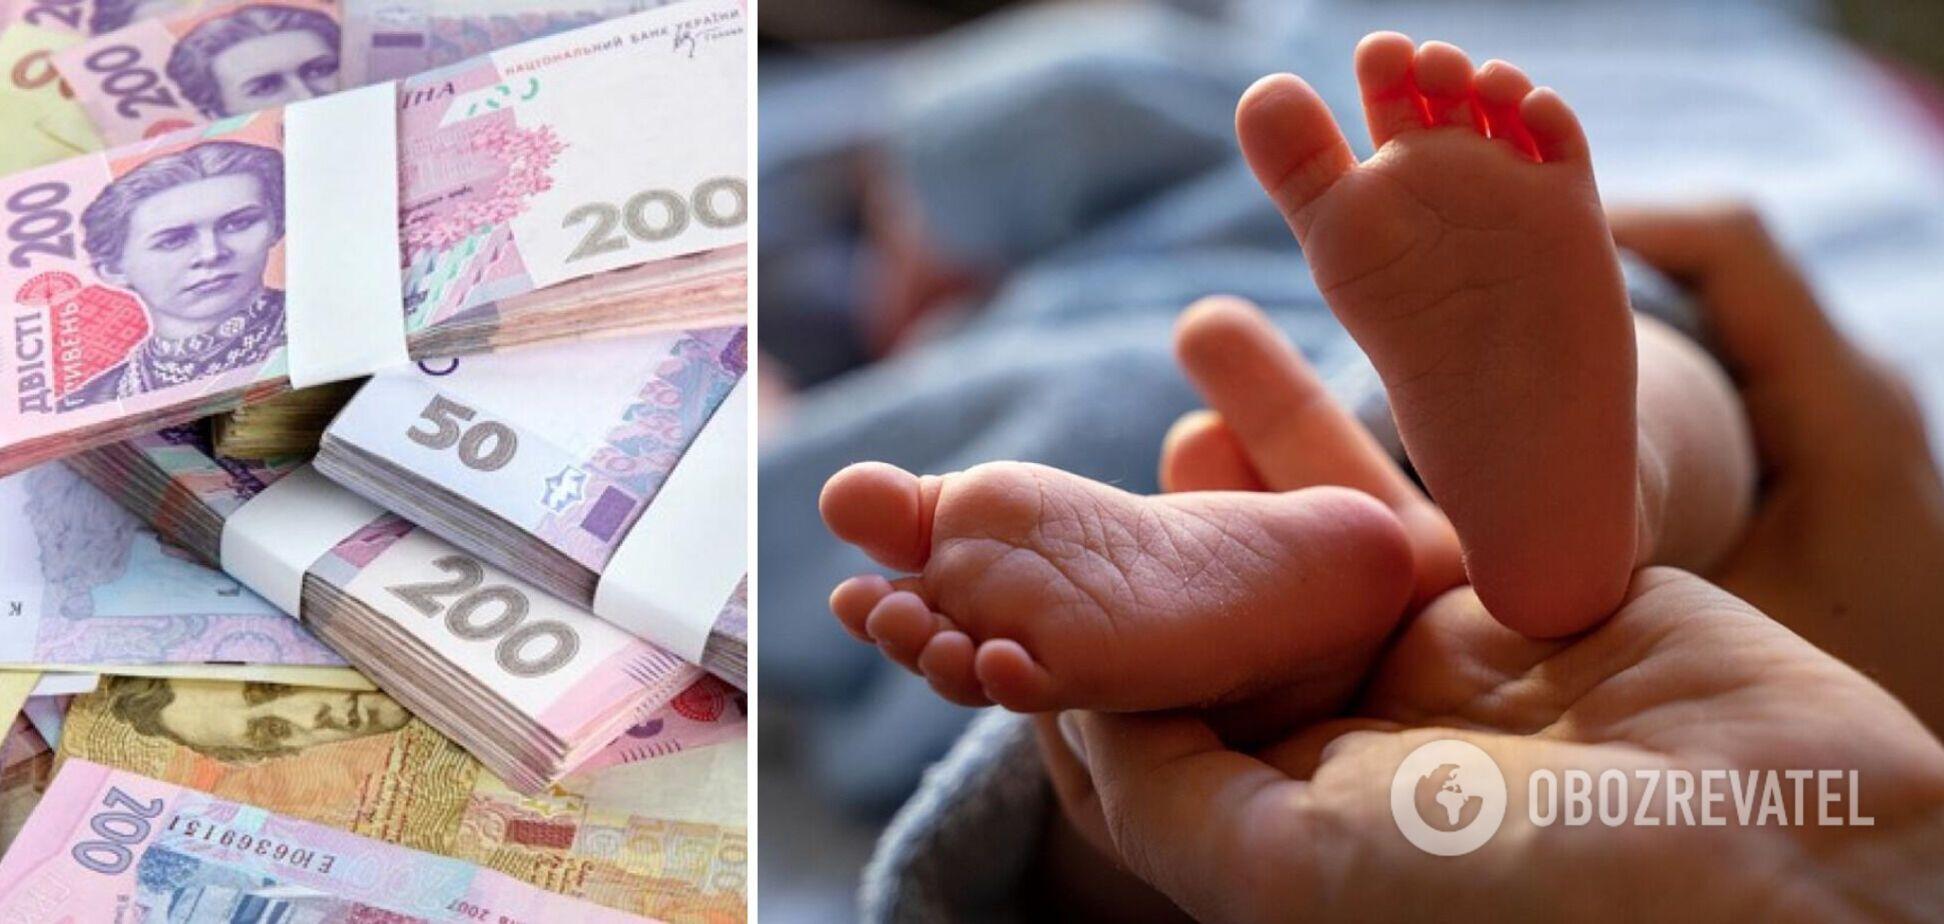 В Украине могут увеличить помощь при рождении ребенка: нардеп объяснил, за счет чего